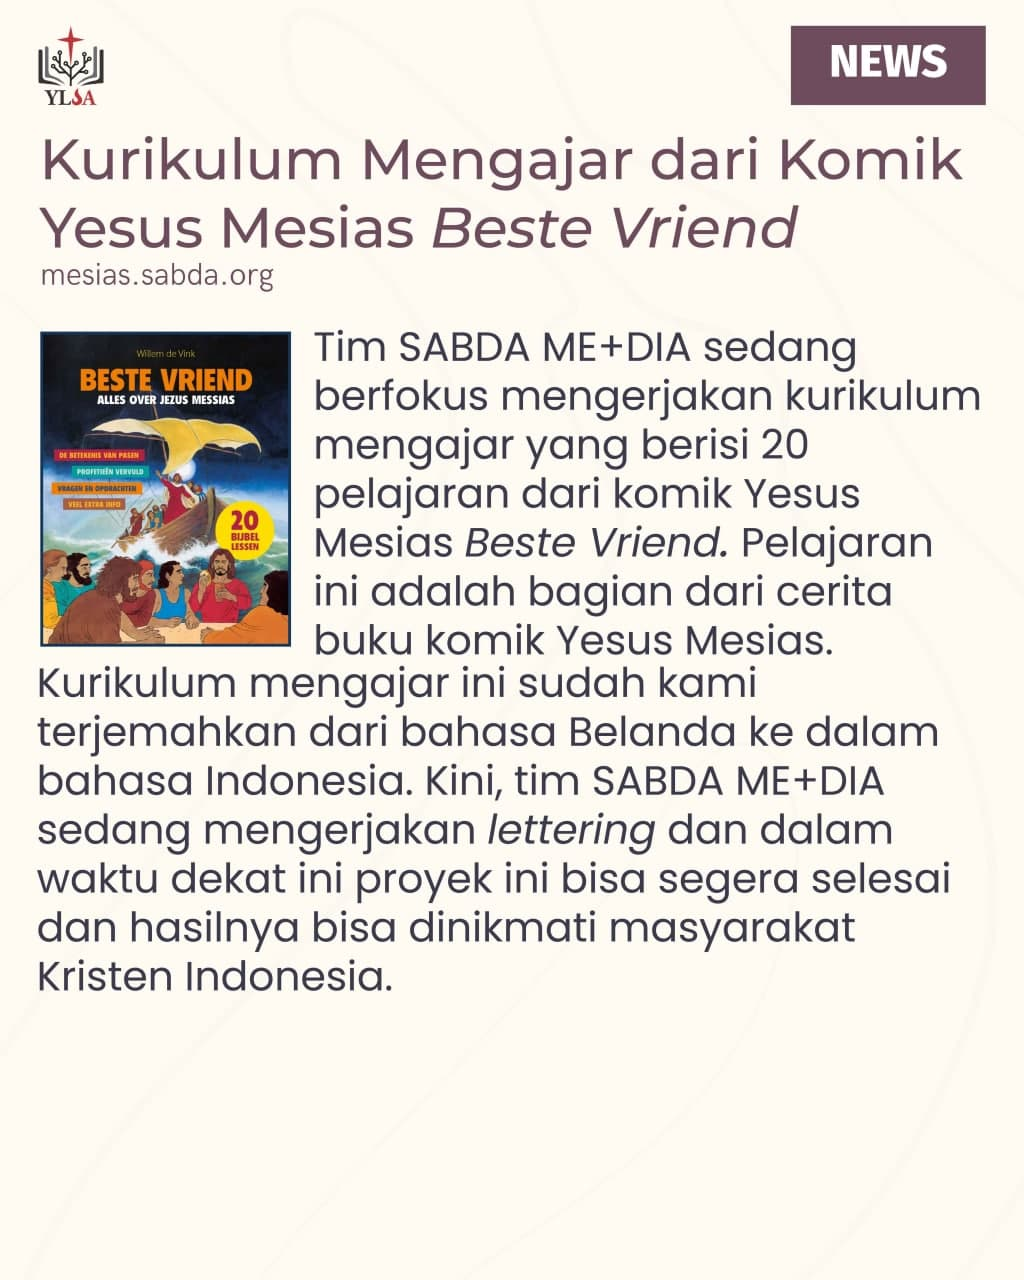 Divisi SABDA ME+DIA melalui Komunitas SABDA Komik menyajikan konten-konten grafis bertema kurban.